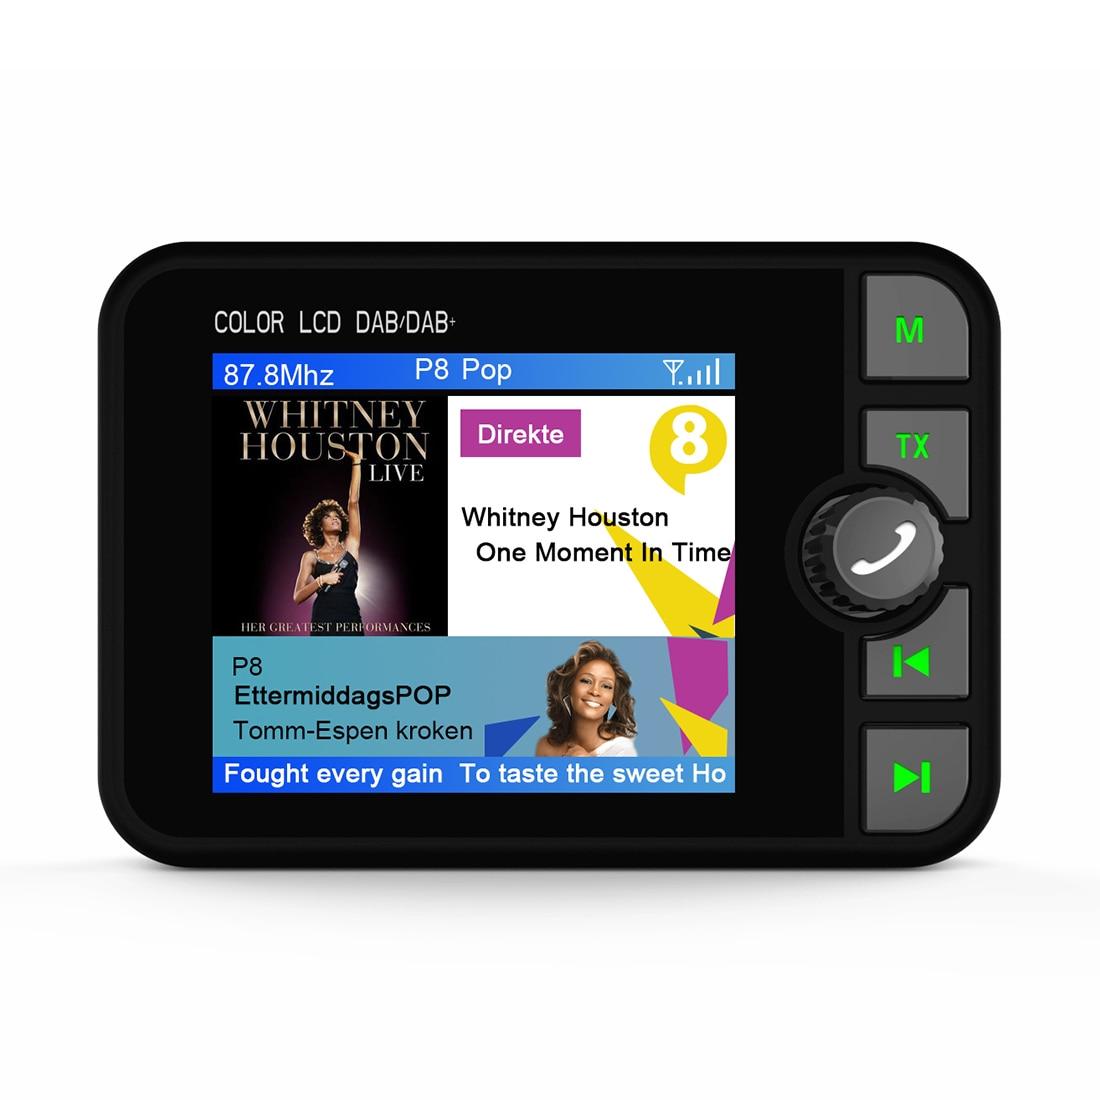 USB 2.4 pouces LCD affichage voiture DAB/DAB + adaptateur récepteur Radio avec Bluetooth carte SD fonction de lecture FM émetteur d'émission FM